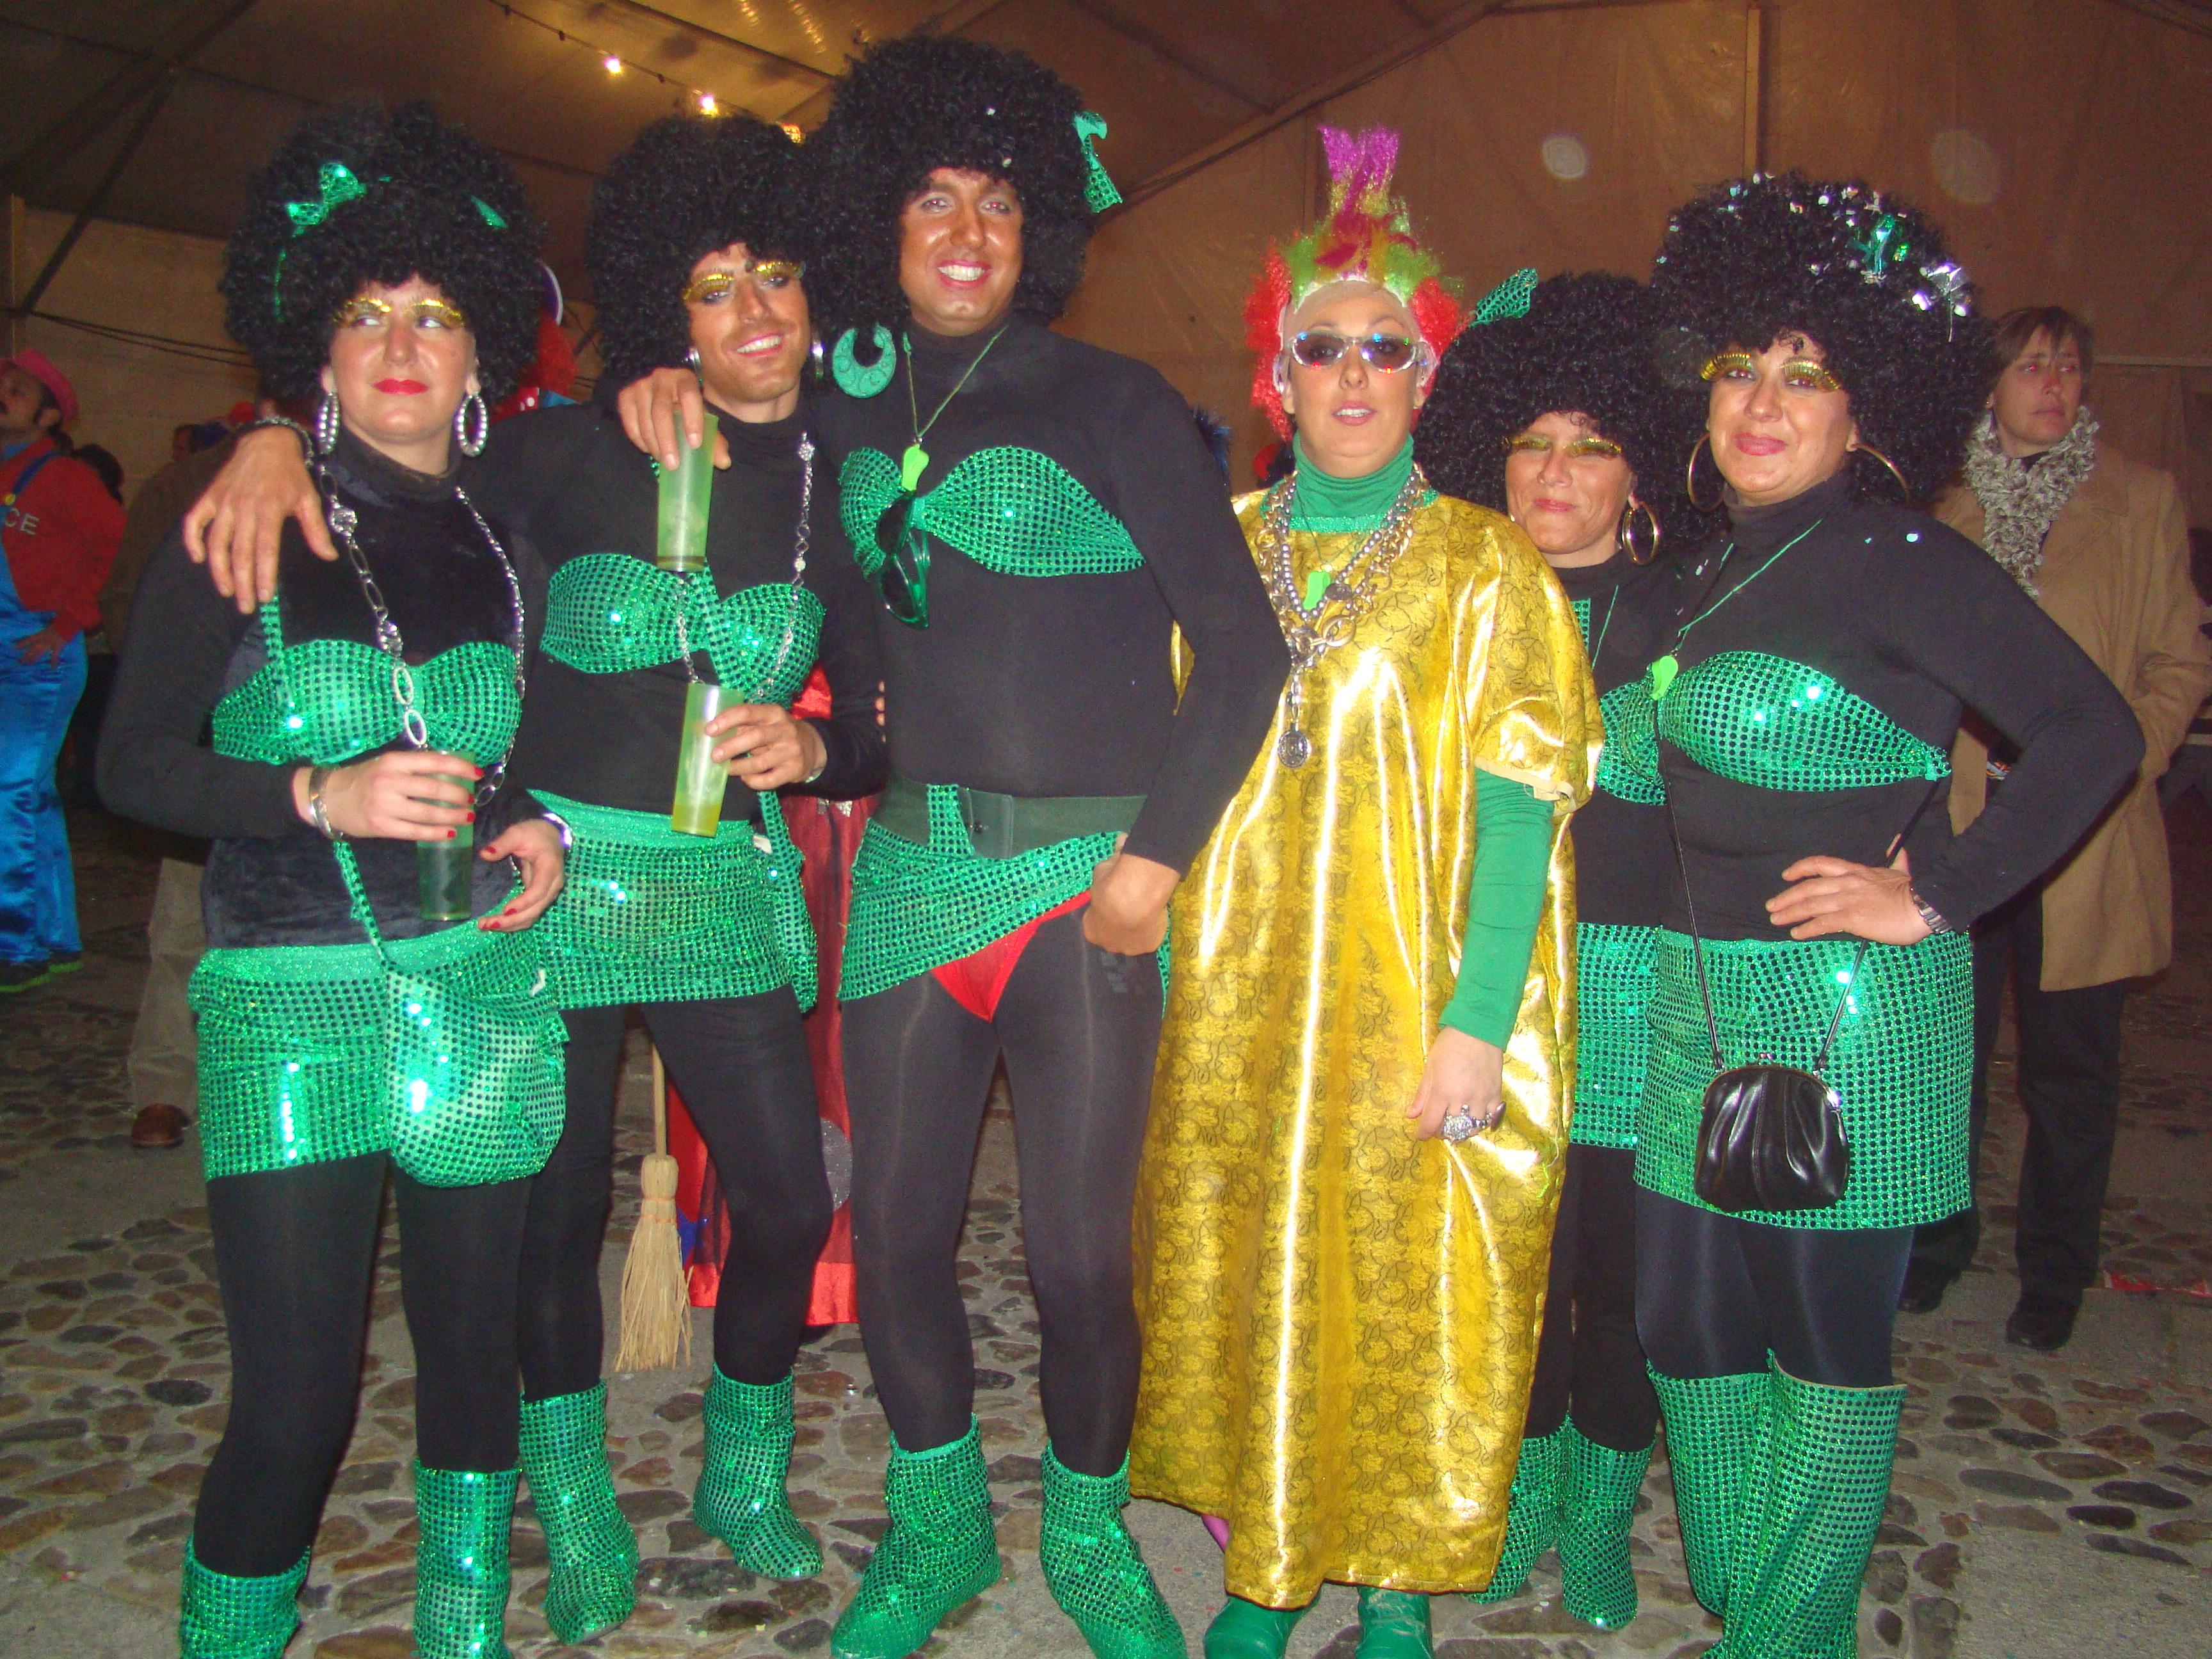 CARNAVAL 2012 EN FREGENAL DE LA SIERRA